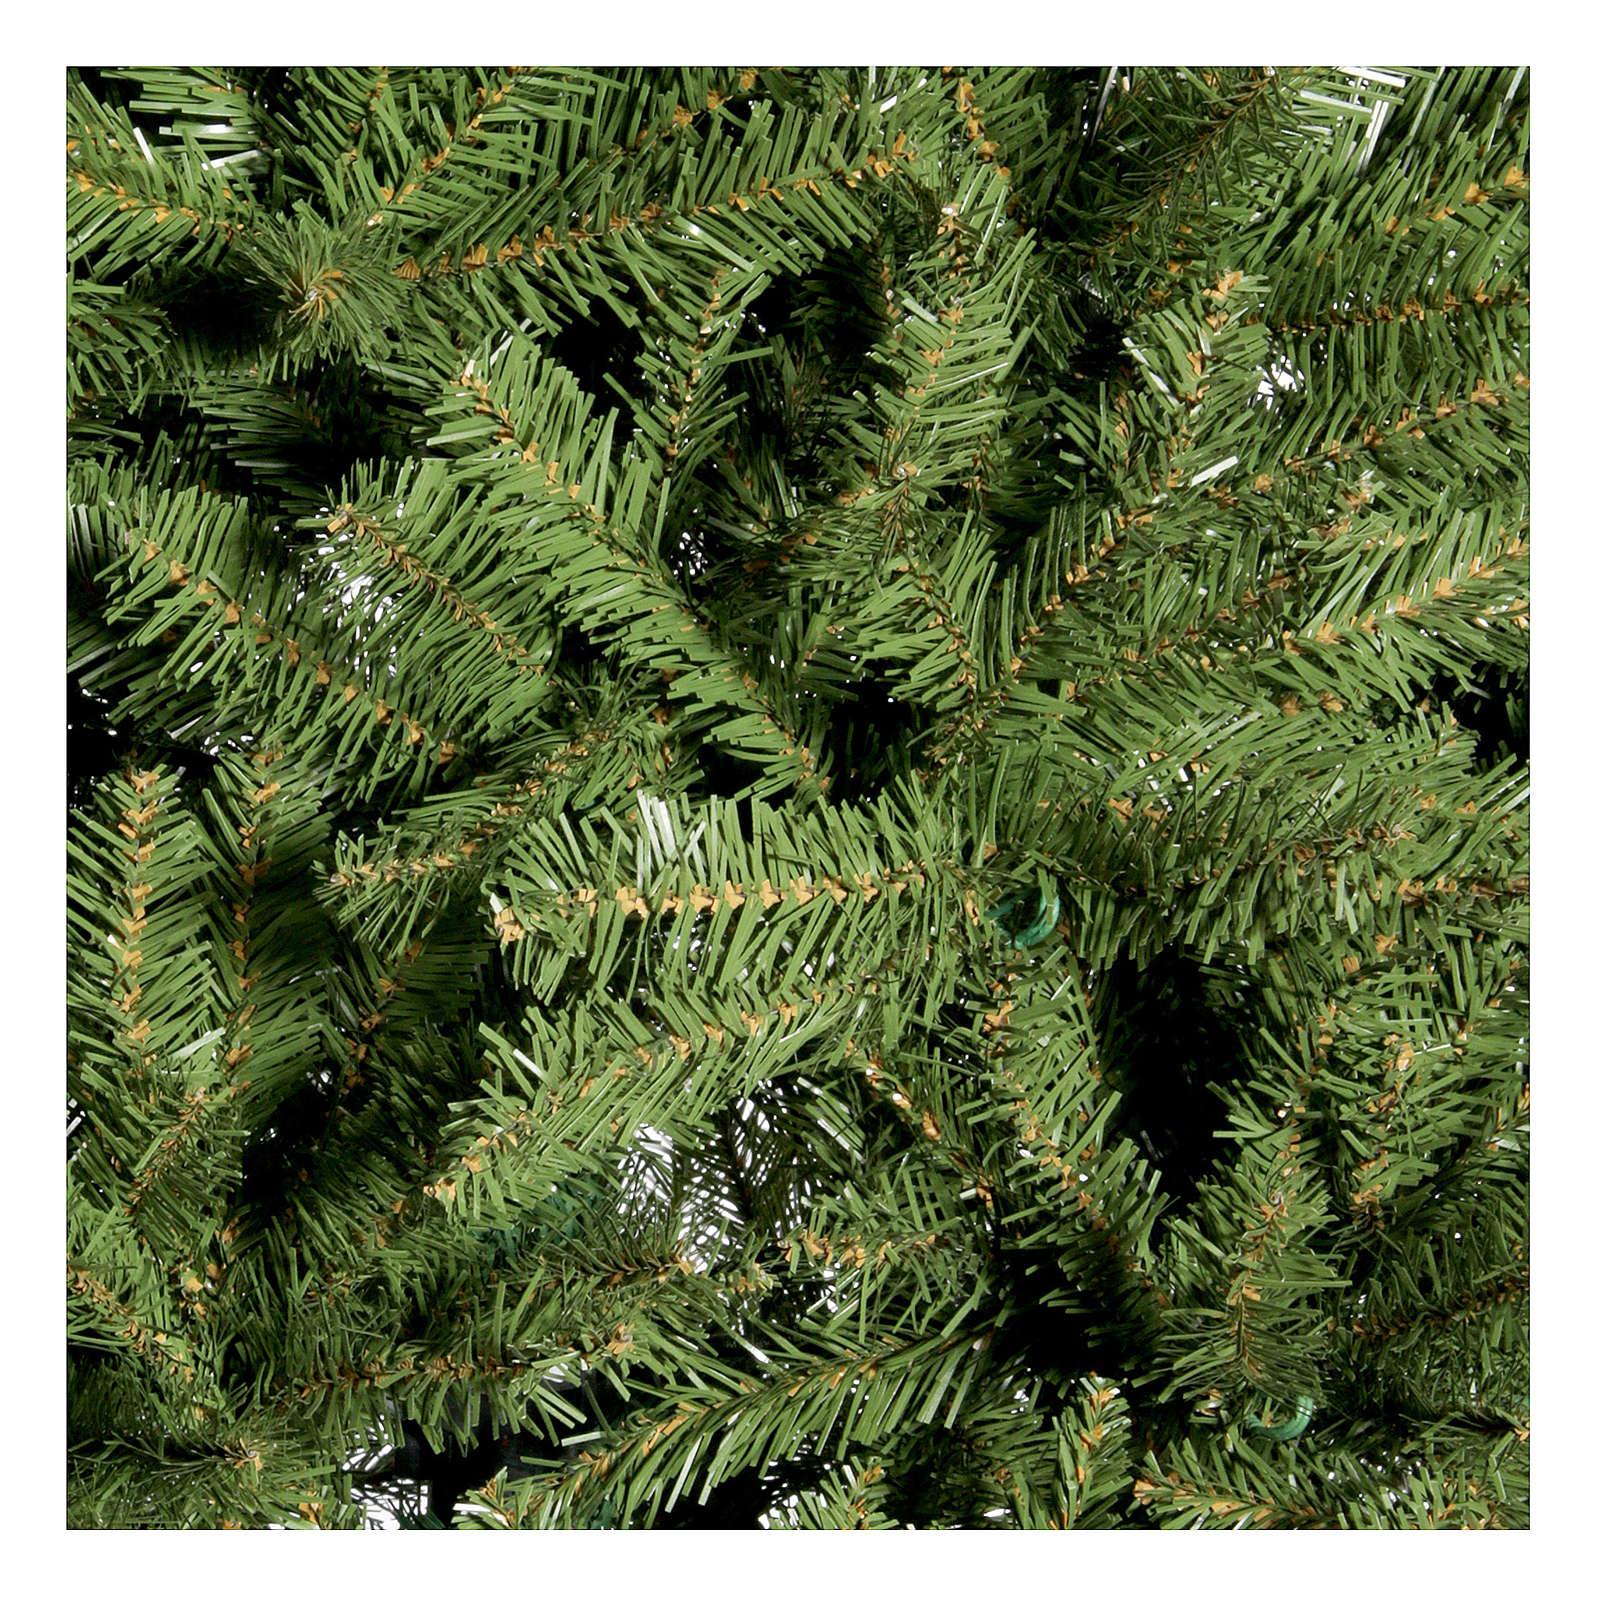 Sapin de Noël 210 cm vert modèle Dunhill Fir 3